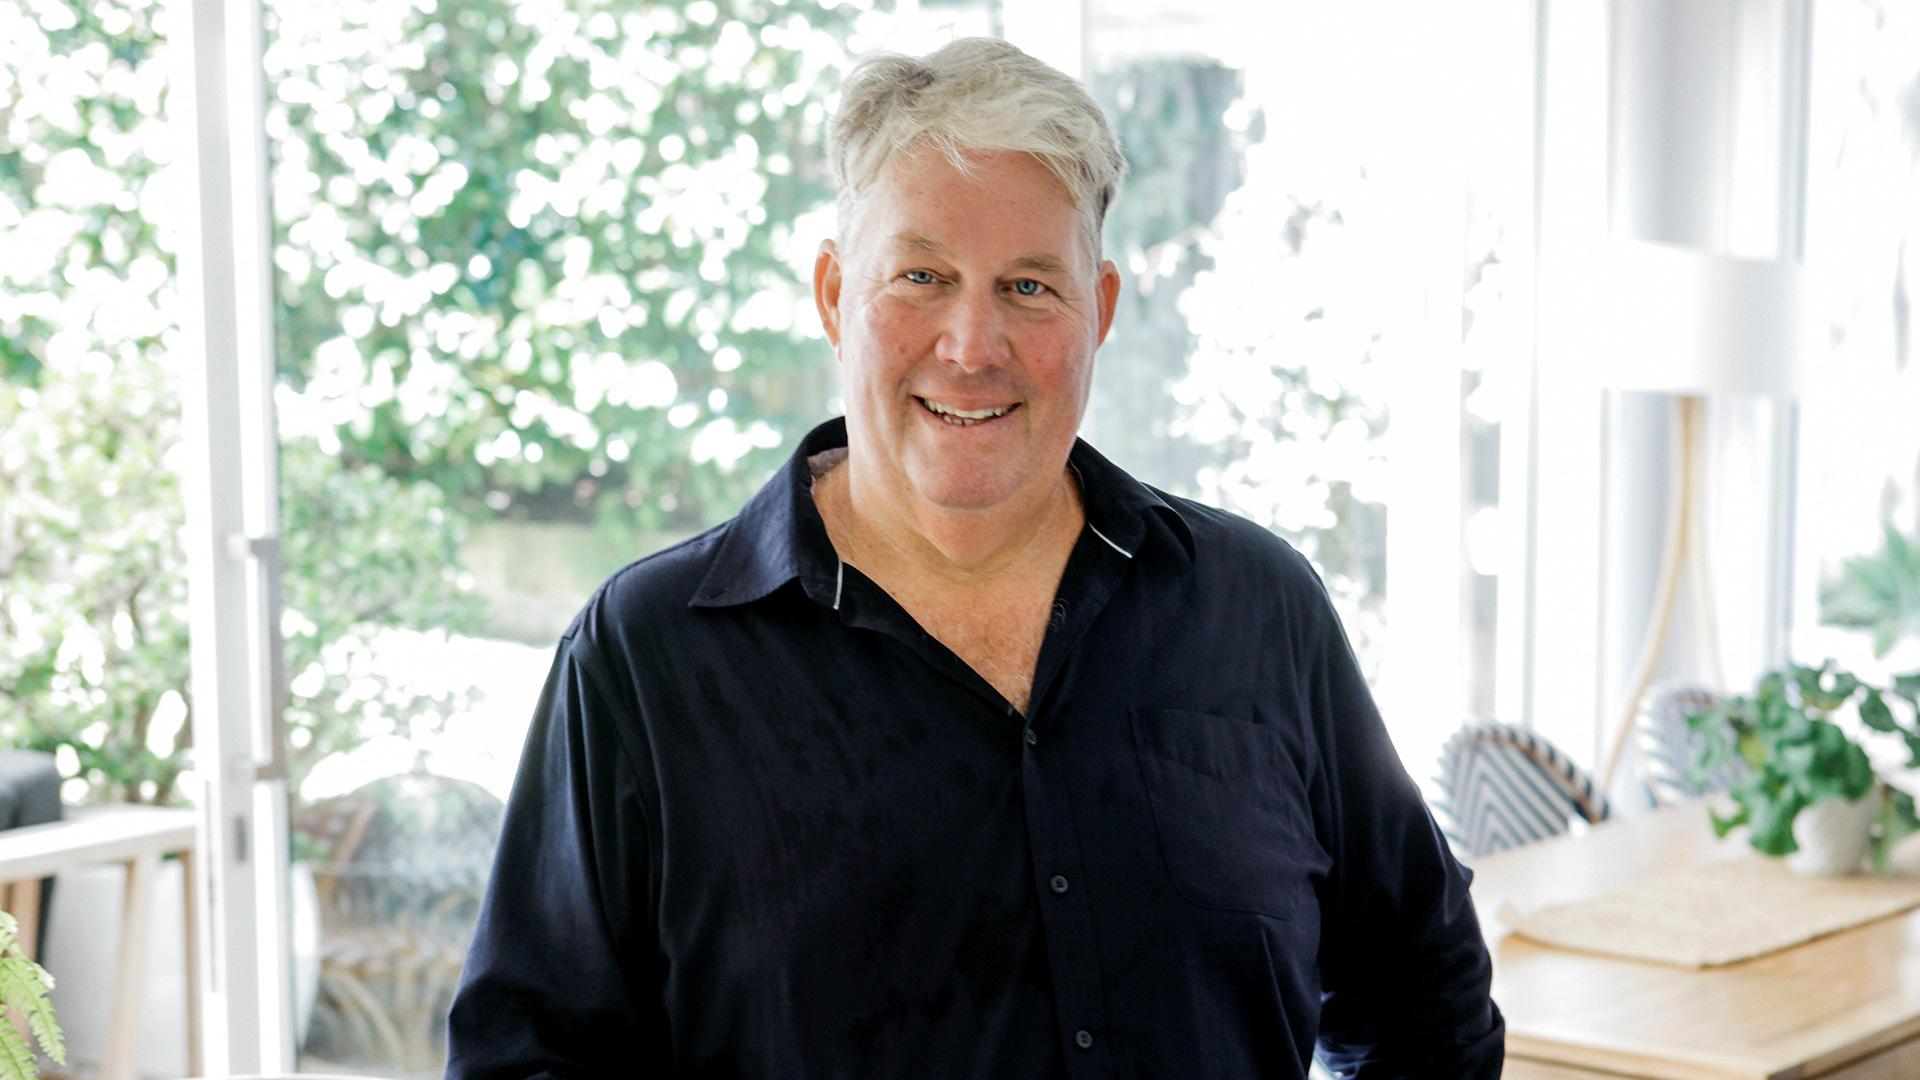 Mark Connor